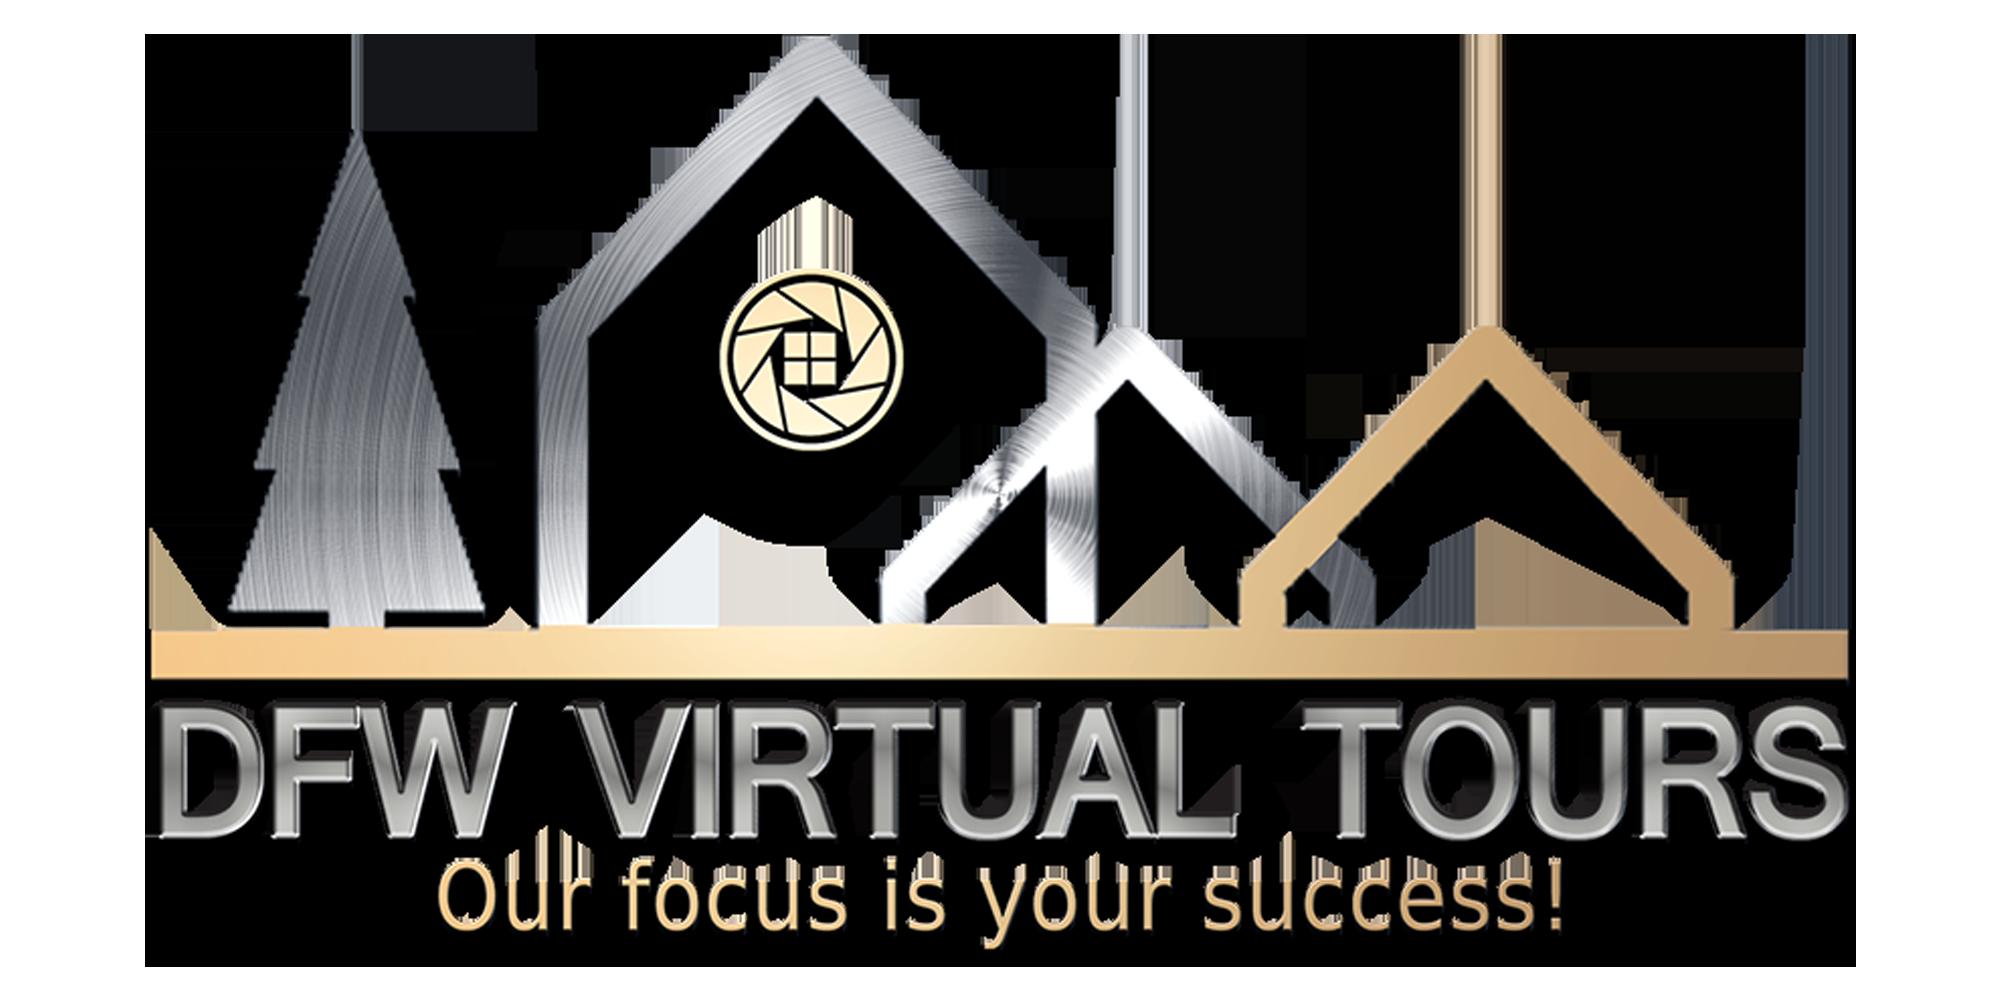 DFW Virtual Tours